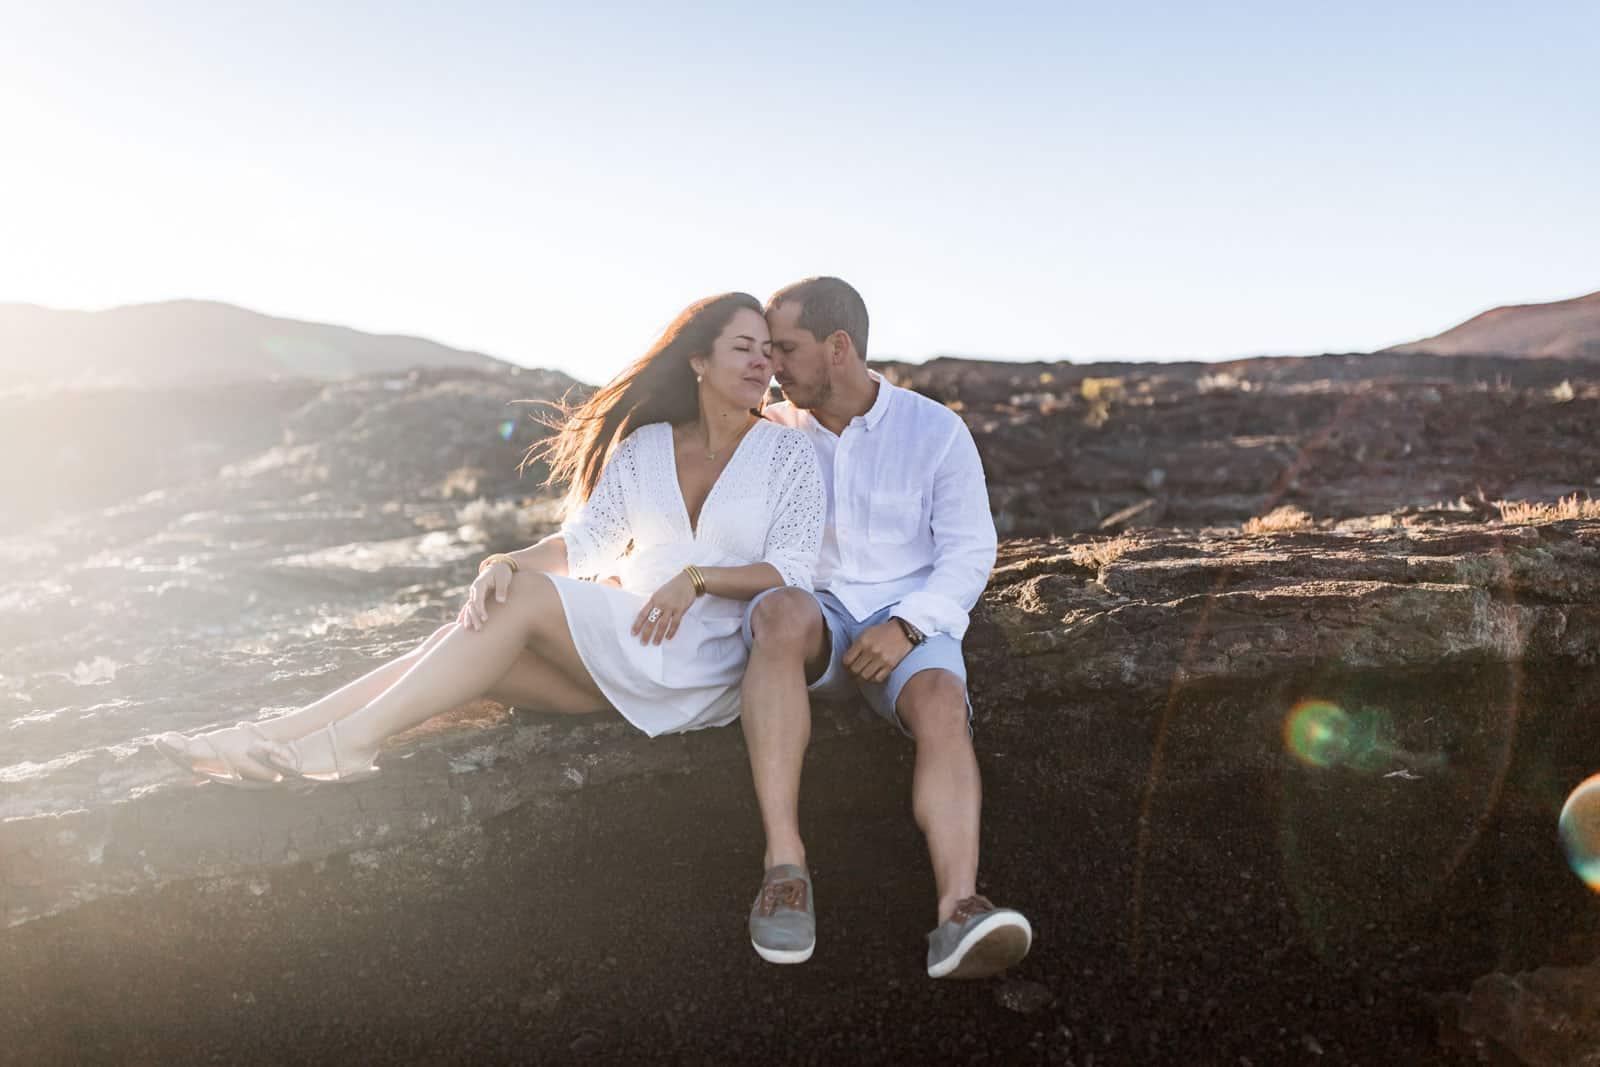 Photographie de Mathieu Dété, photographe de mariage et famille à Saint-Gilles sur l'île de la Réunion 974, présentant un couple assis côte à côte sur une roche de la Plaine des Sables